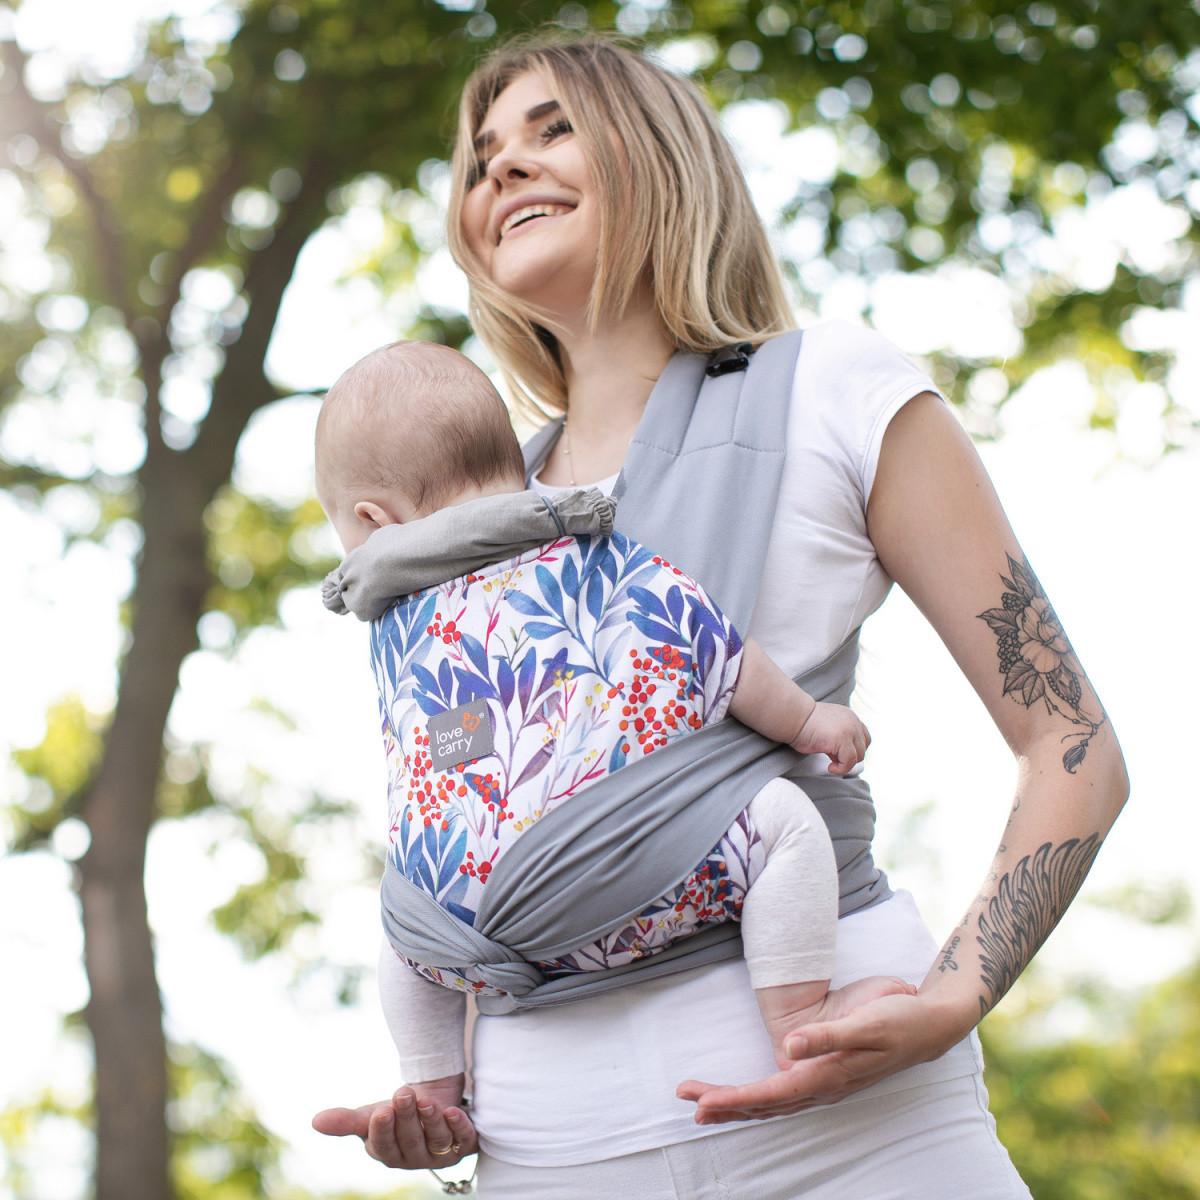 """""""Флора"""" Май слинг Лав & Carri для уютных прогулок, Май рюкзак просто и удобно для новорожденных Не кенгуру, фото 1"""